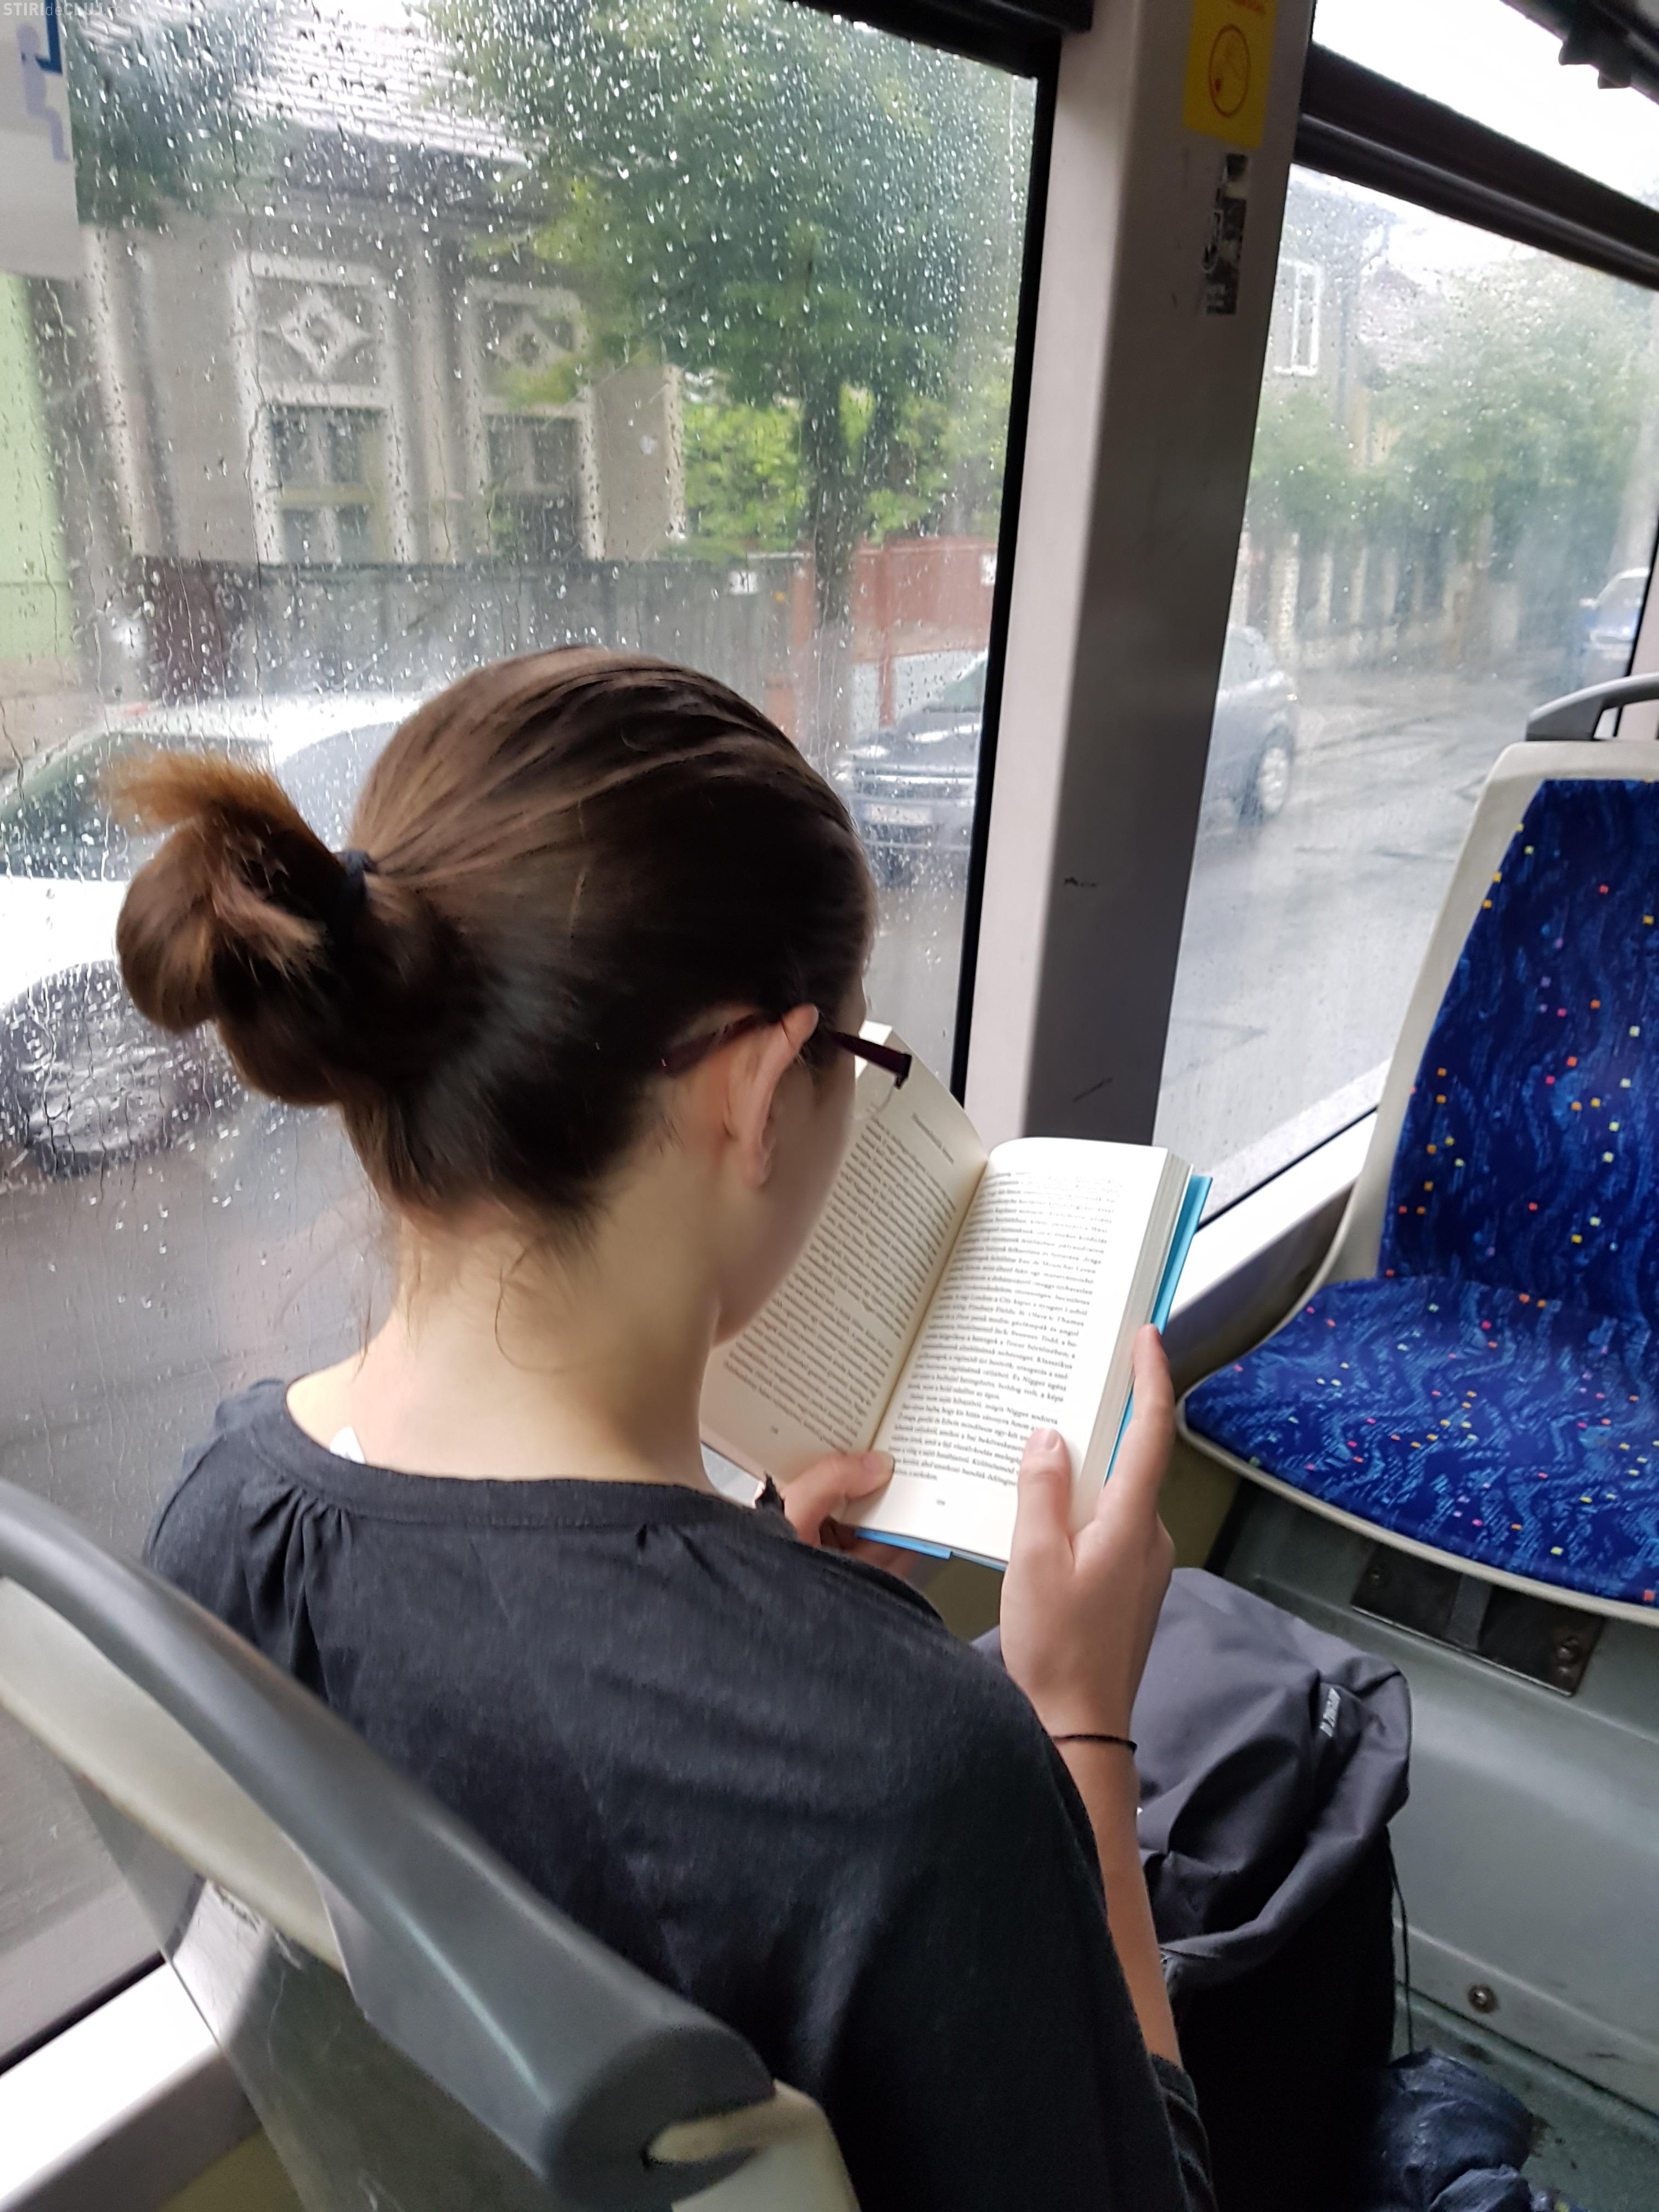 Cluj: Ai o carte la tine, circuli gratuit în autobuz, troleibuz sau tramvai